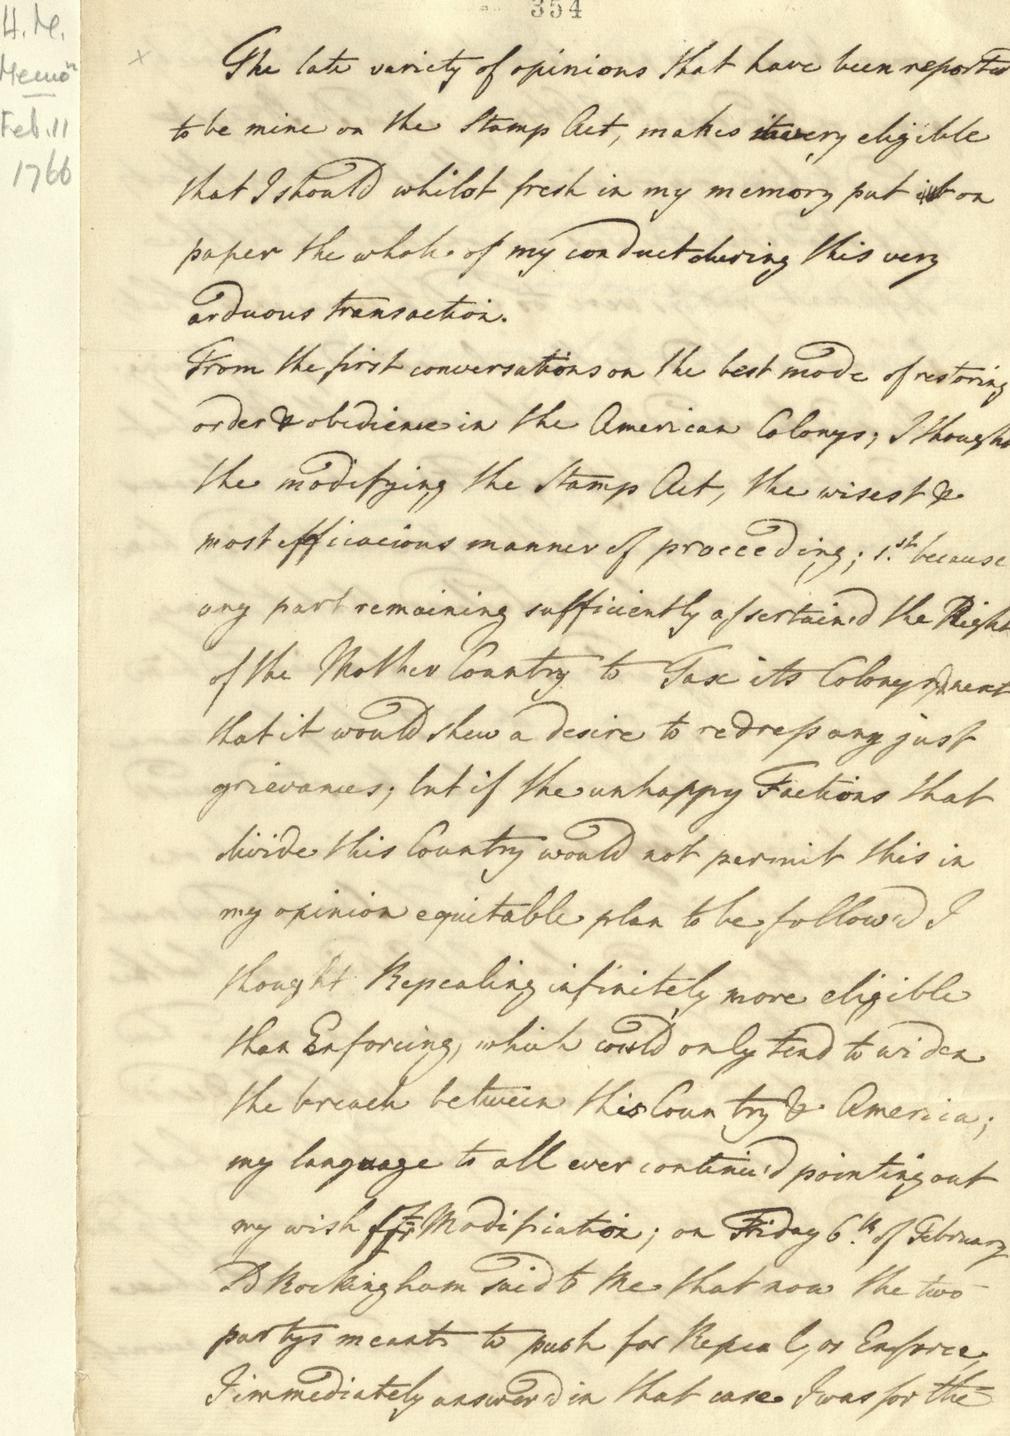 Memorandum on the Stamp Act 1766